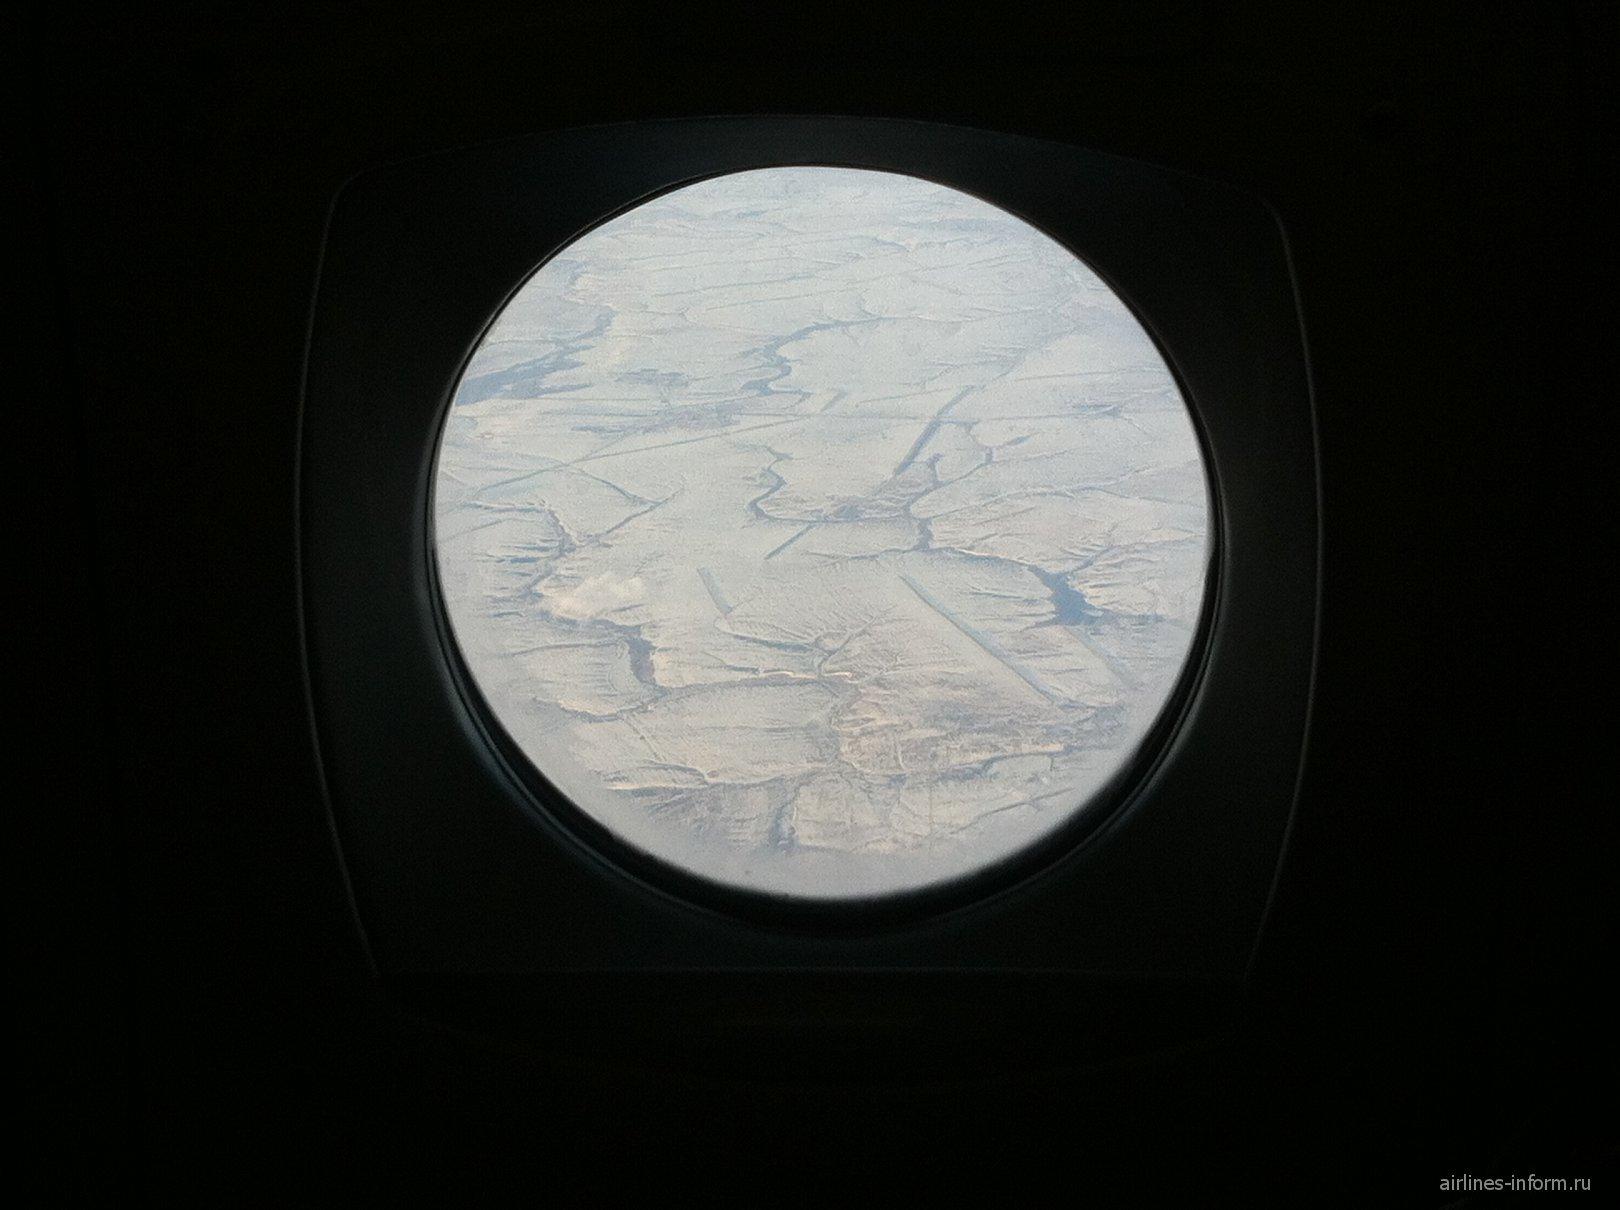 Вид из иллюминатора Як-42